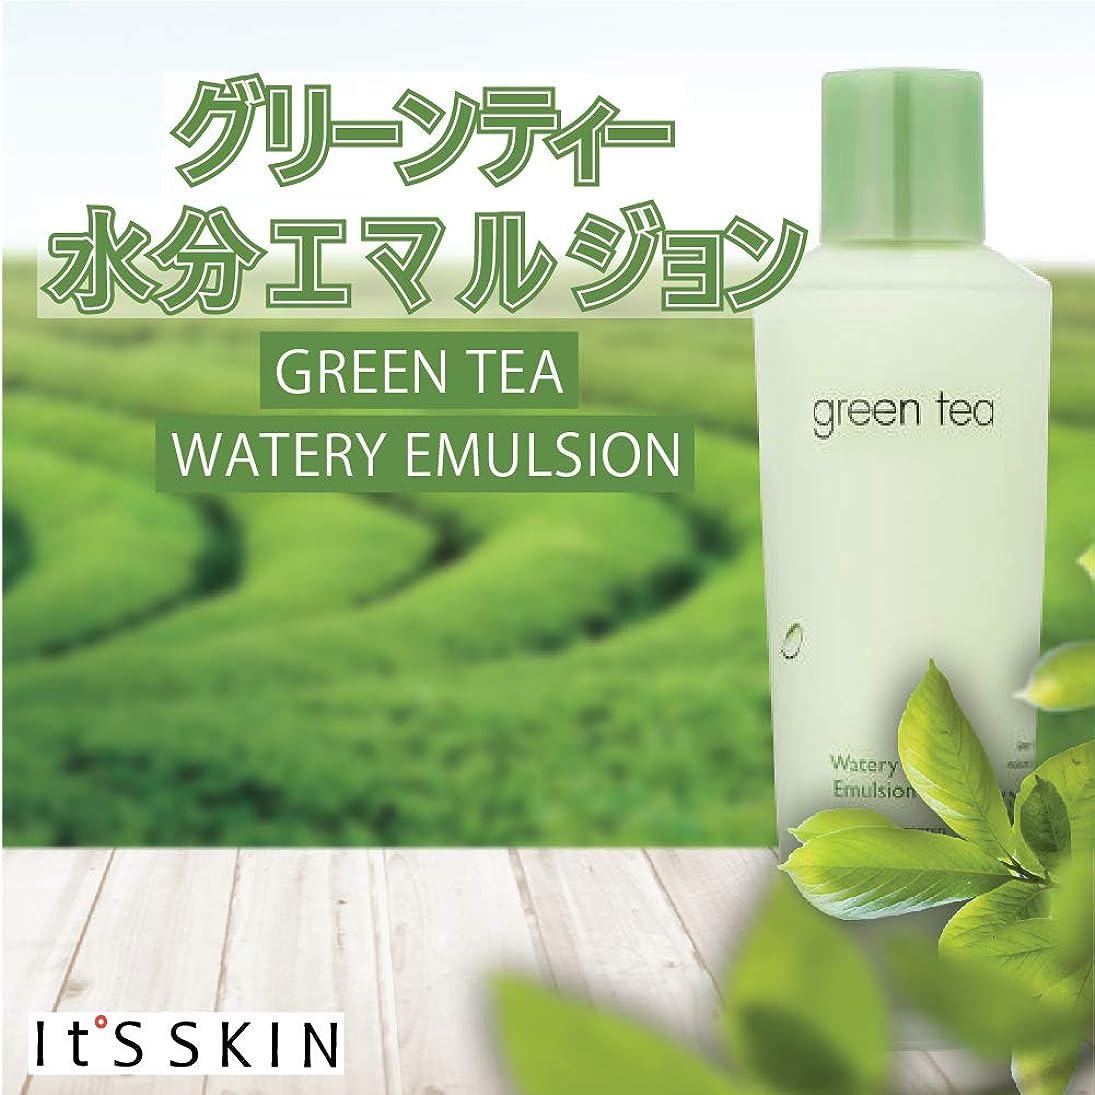 専門コイル通知するIt's SKIN イッツスキン グリーン ティー ウォーターリー 乳液 Green Tea Watery Emulasion 150g 【 水分 乳液 しっとり 保湿 キメ 韓国コスメ 】